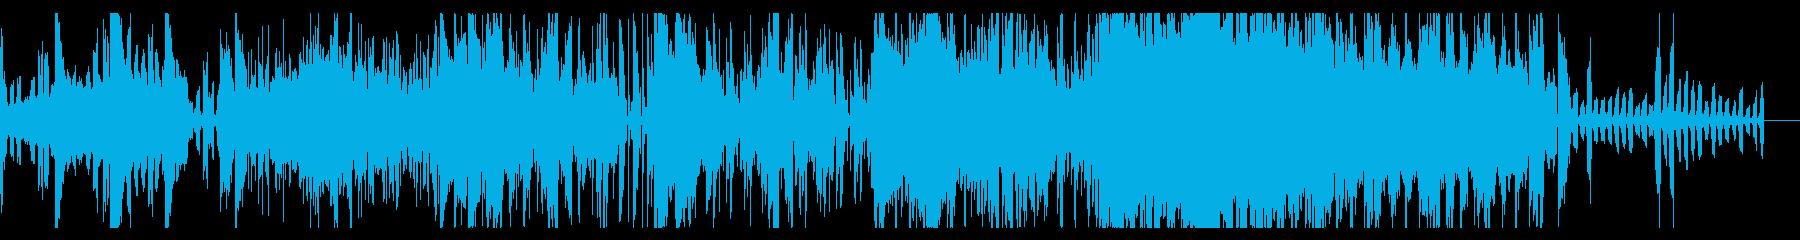 デジタルノイジーなエレクトロニカの再生済みの波形